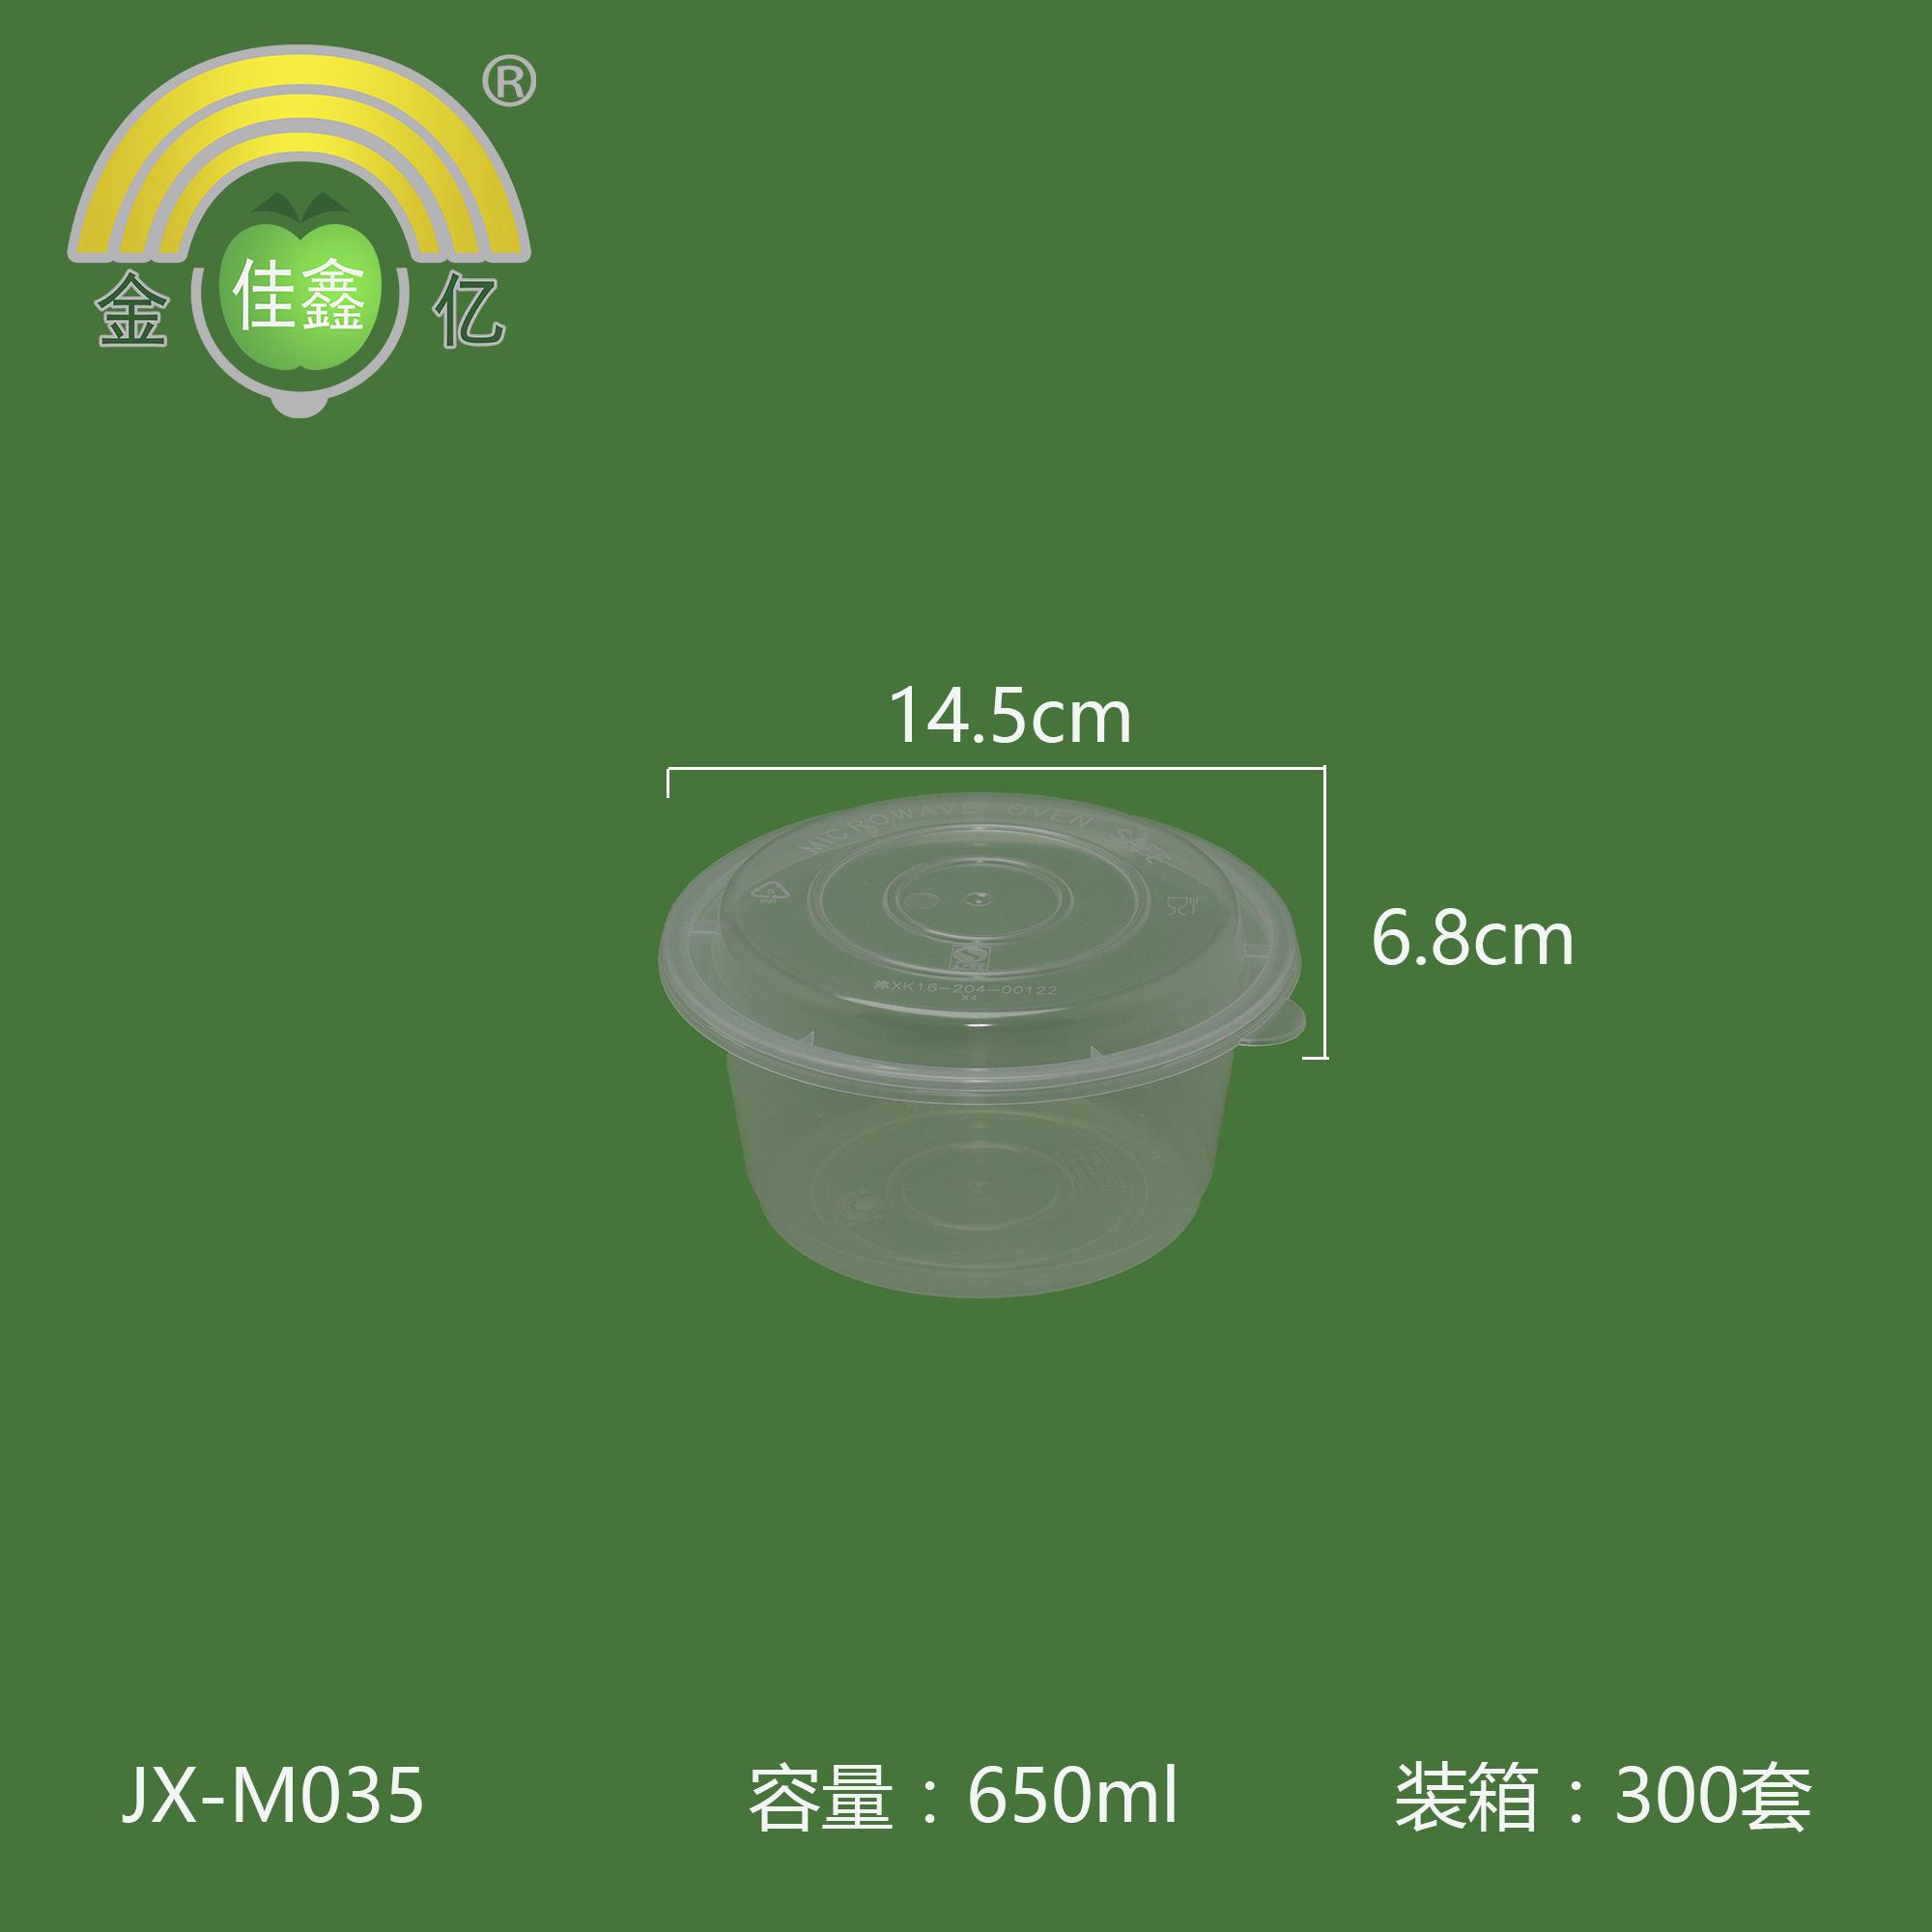 金亿佳鑫  高盖中圆碗  JX-M035